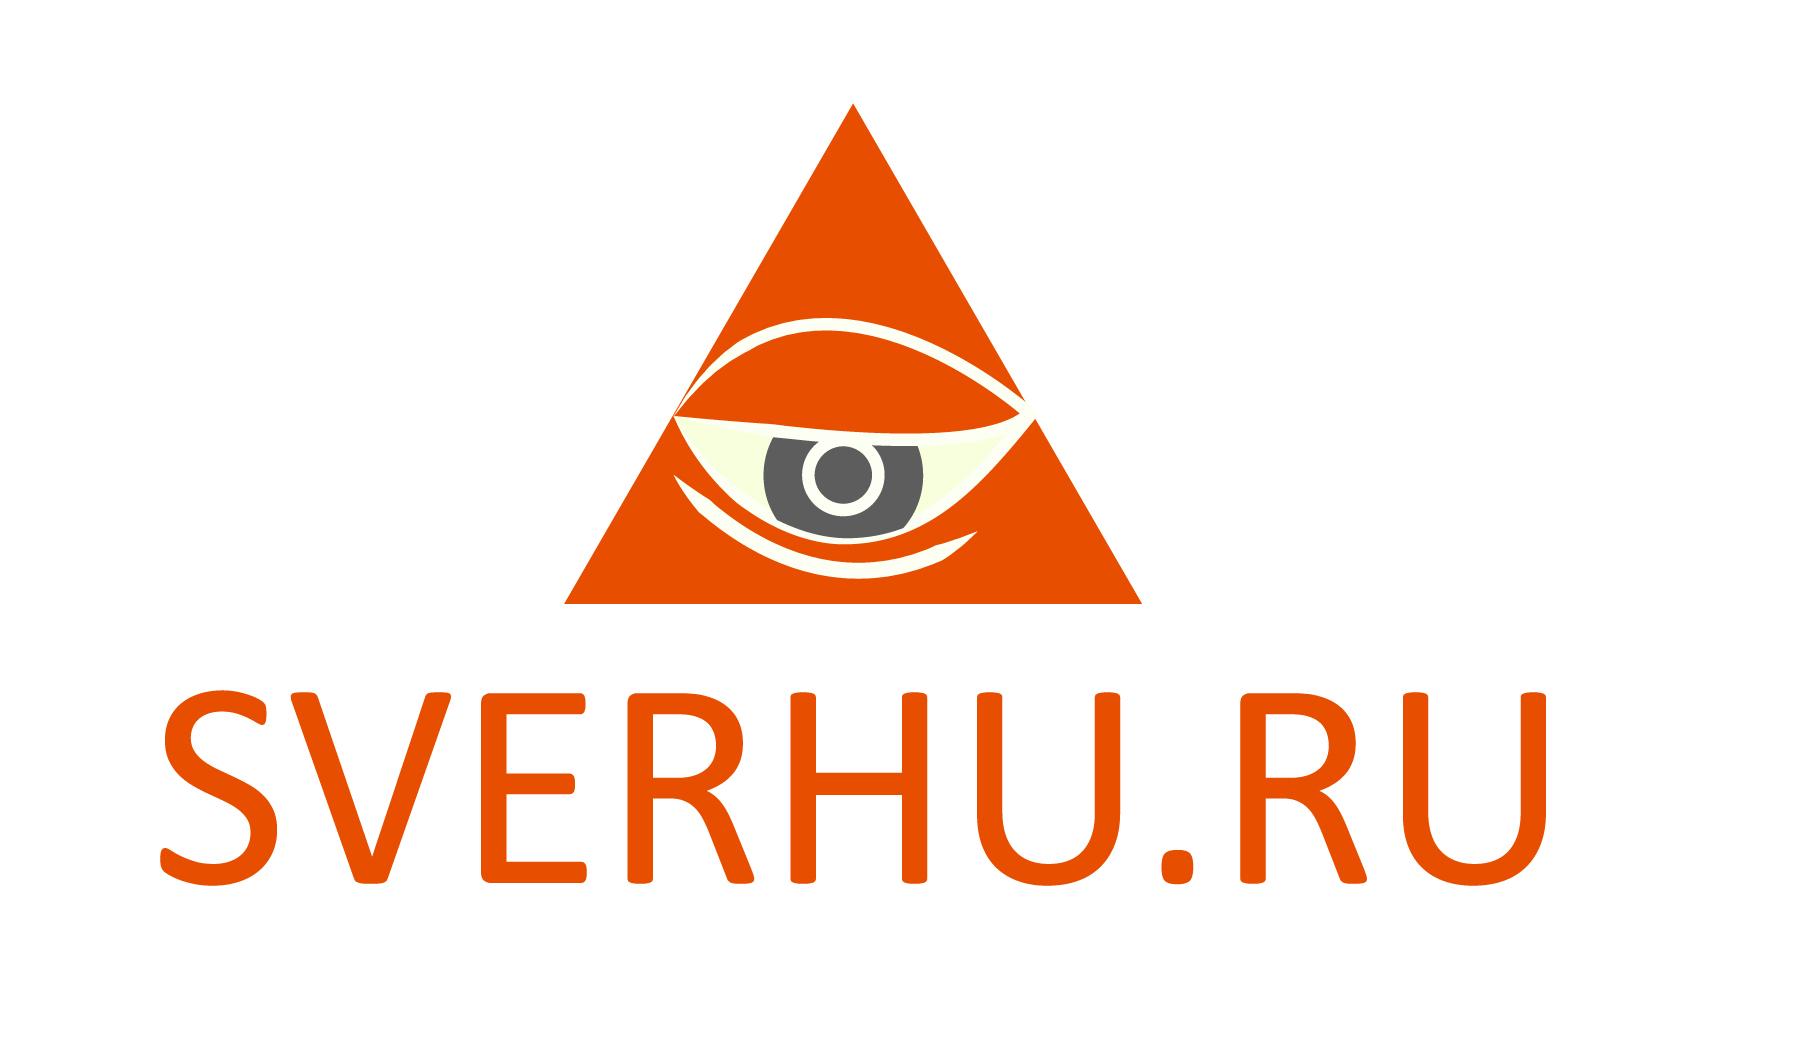 логотип  фото f_81555c64560f270b.jpg